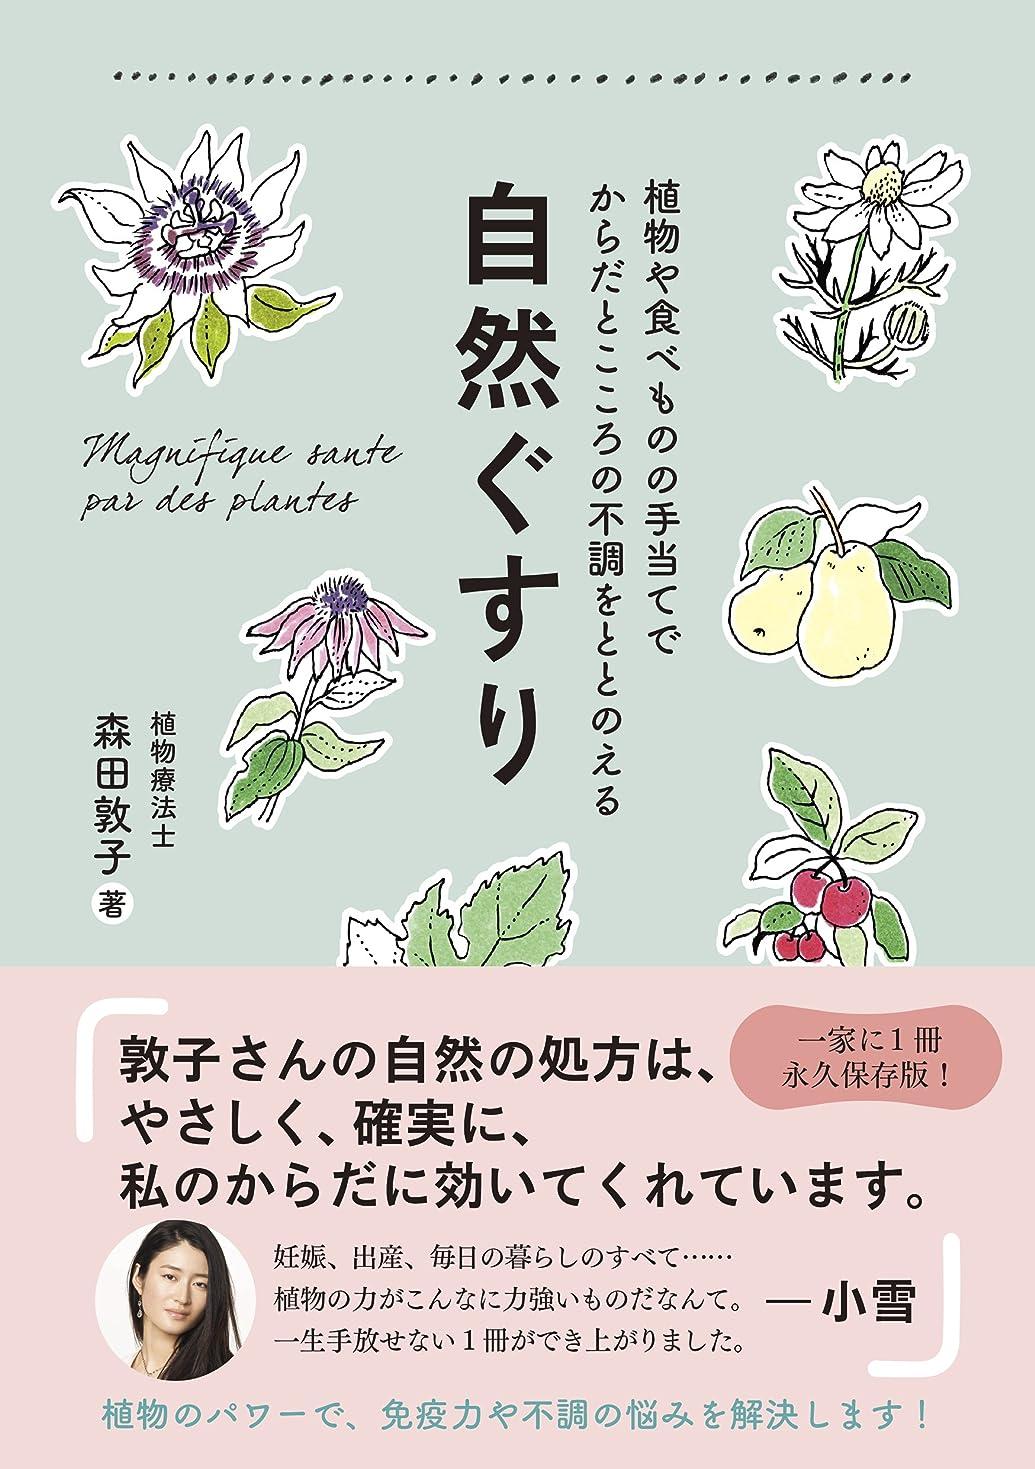 スポンサー雰囲気感じ自然ぐすり - 植物や食べものの手当てでからだとこころの不調をととのえる - (正しく暮らすシリーズ)